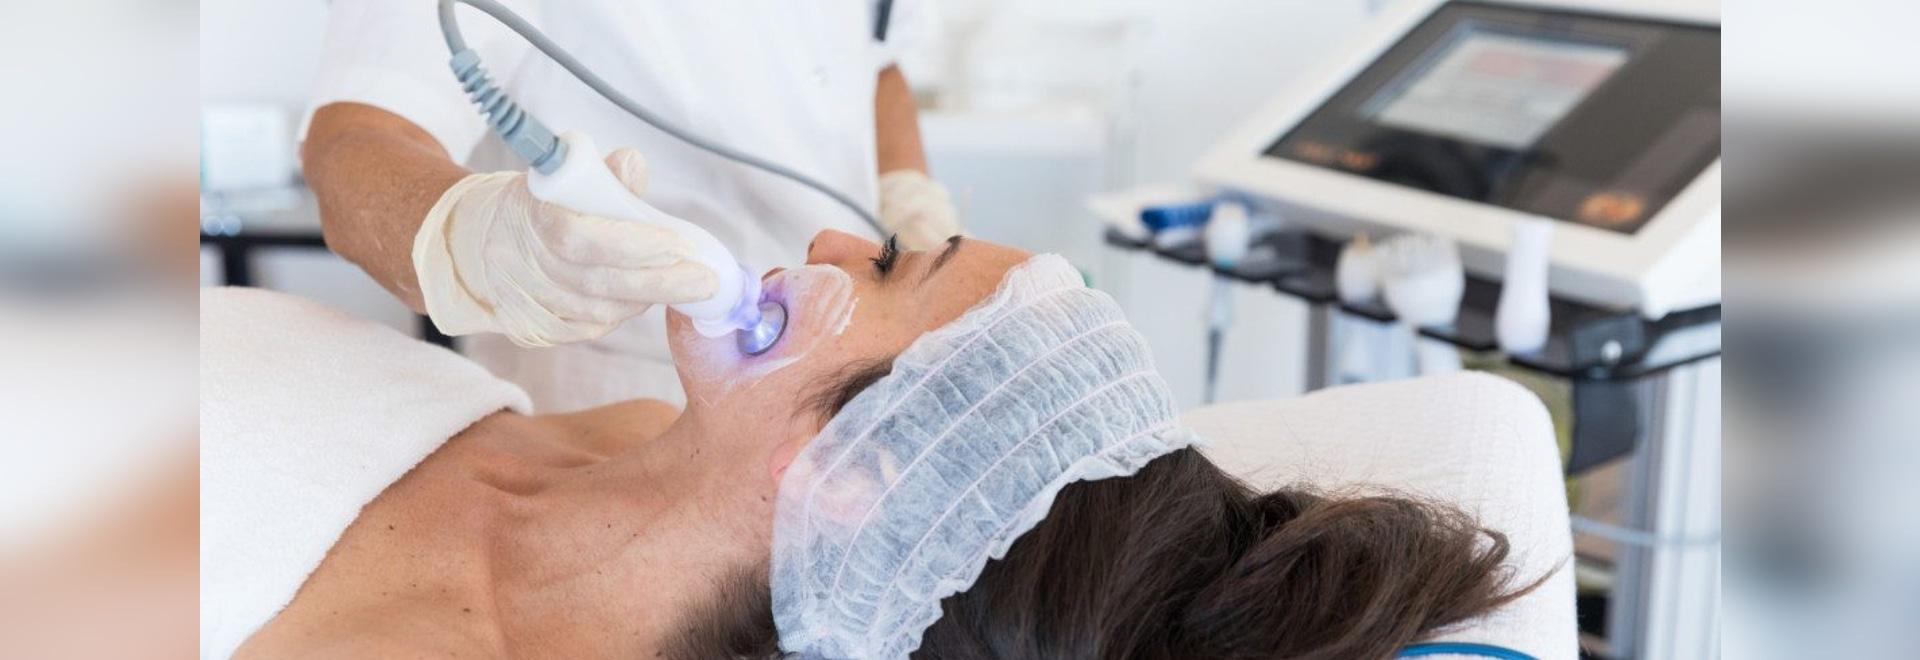 La Radiofrecuencia en Medicina Estética